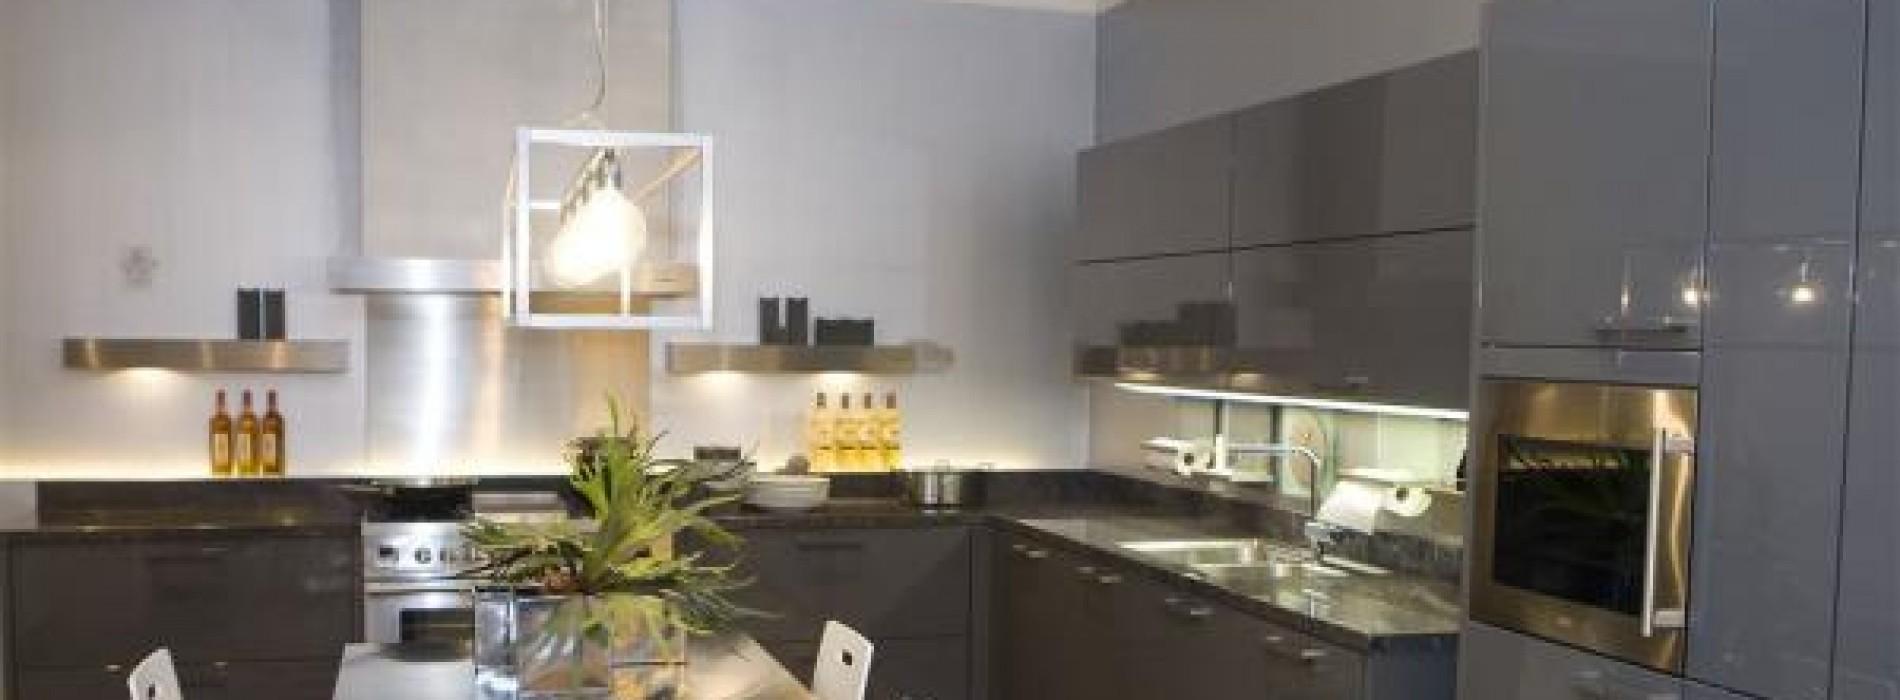 Dit is de smerigste ruimte in je huis (en het is niet de wc)